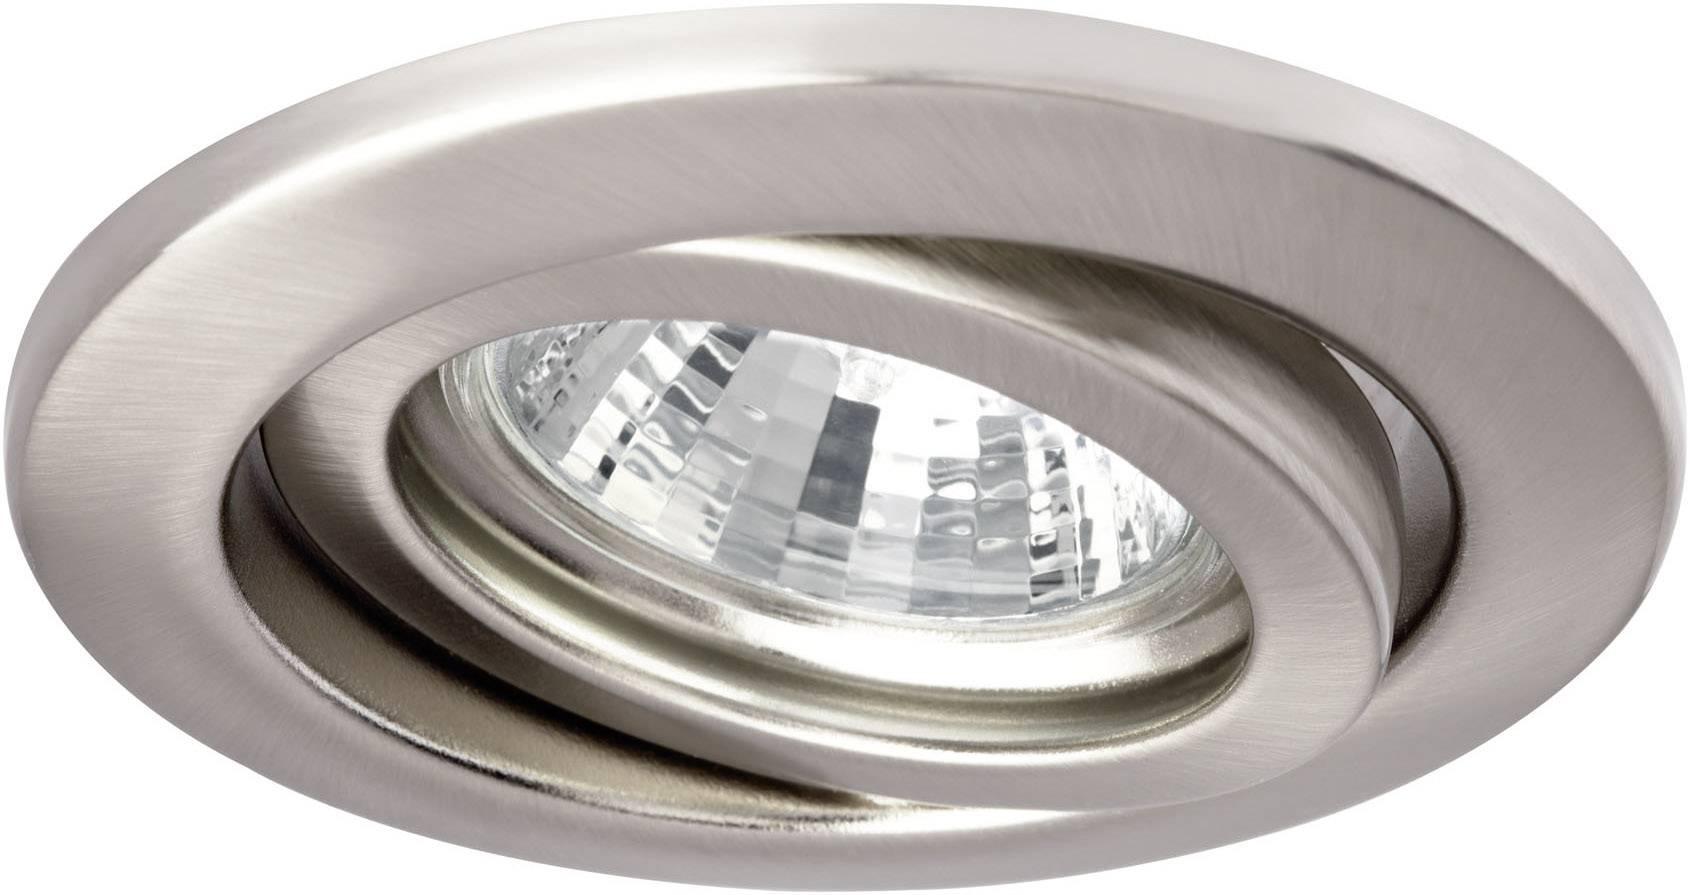 Vstavané halogénové svietidlá NP Basic, GU5.3, sada 5 ks